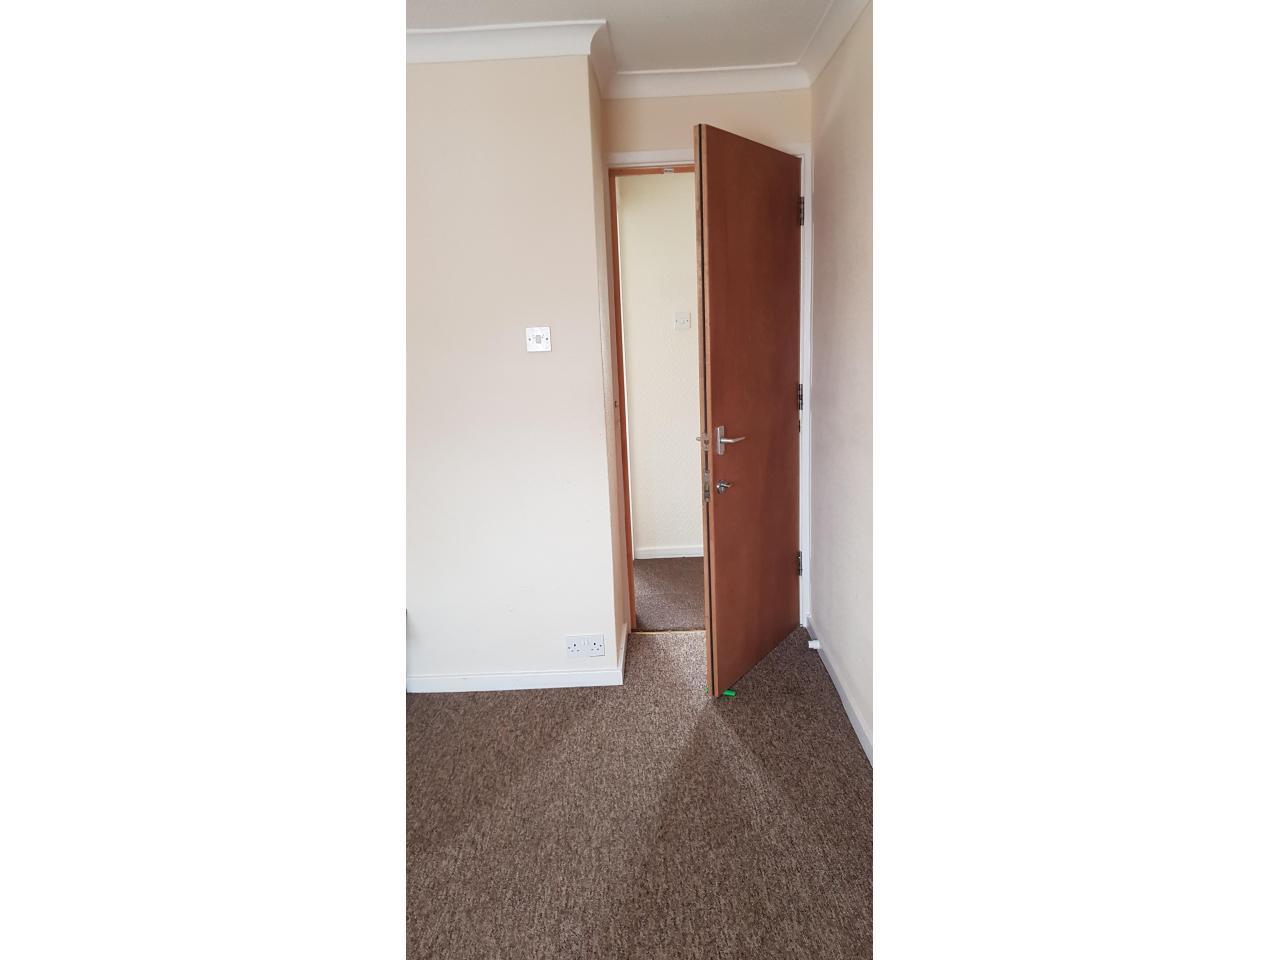 Сдаю комнату £400/m (double room) Hatfield - 4